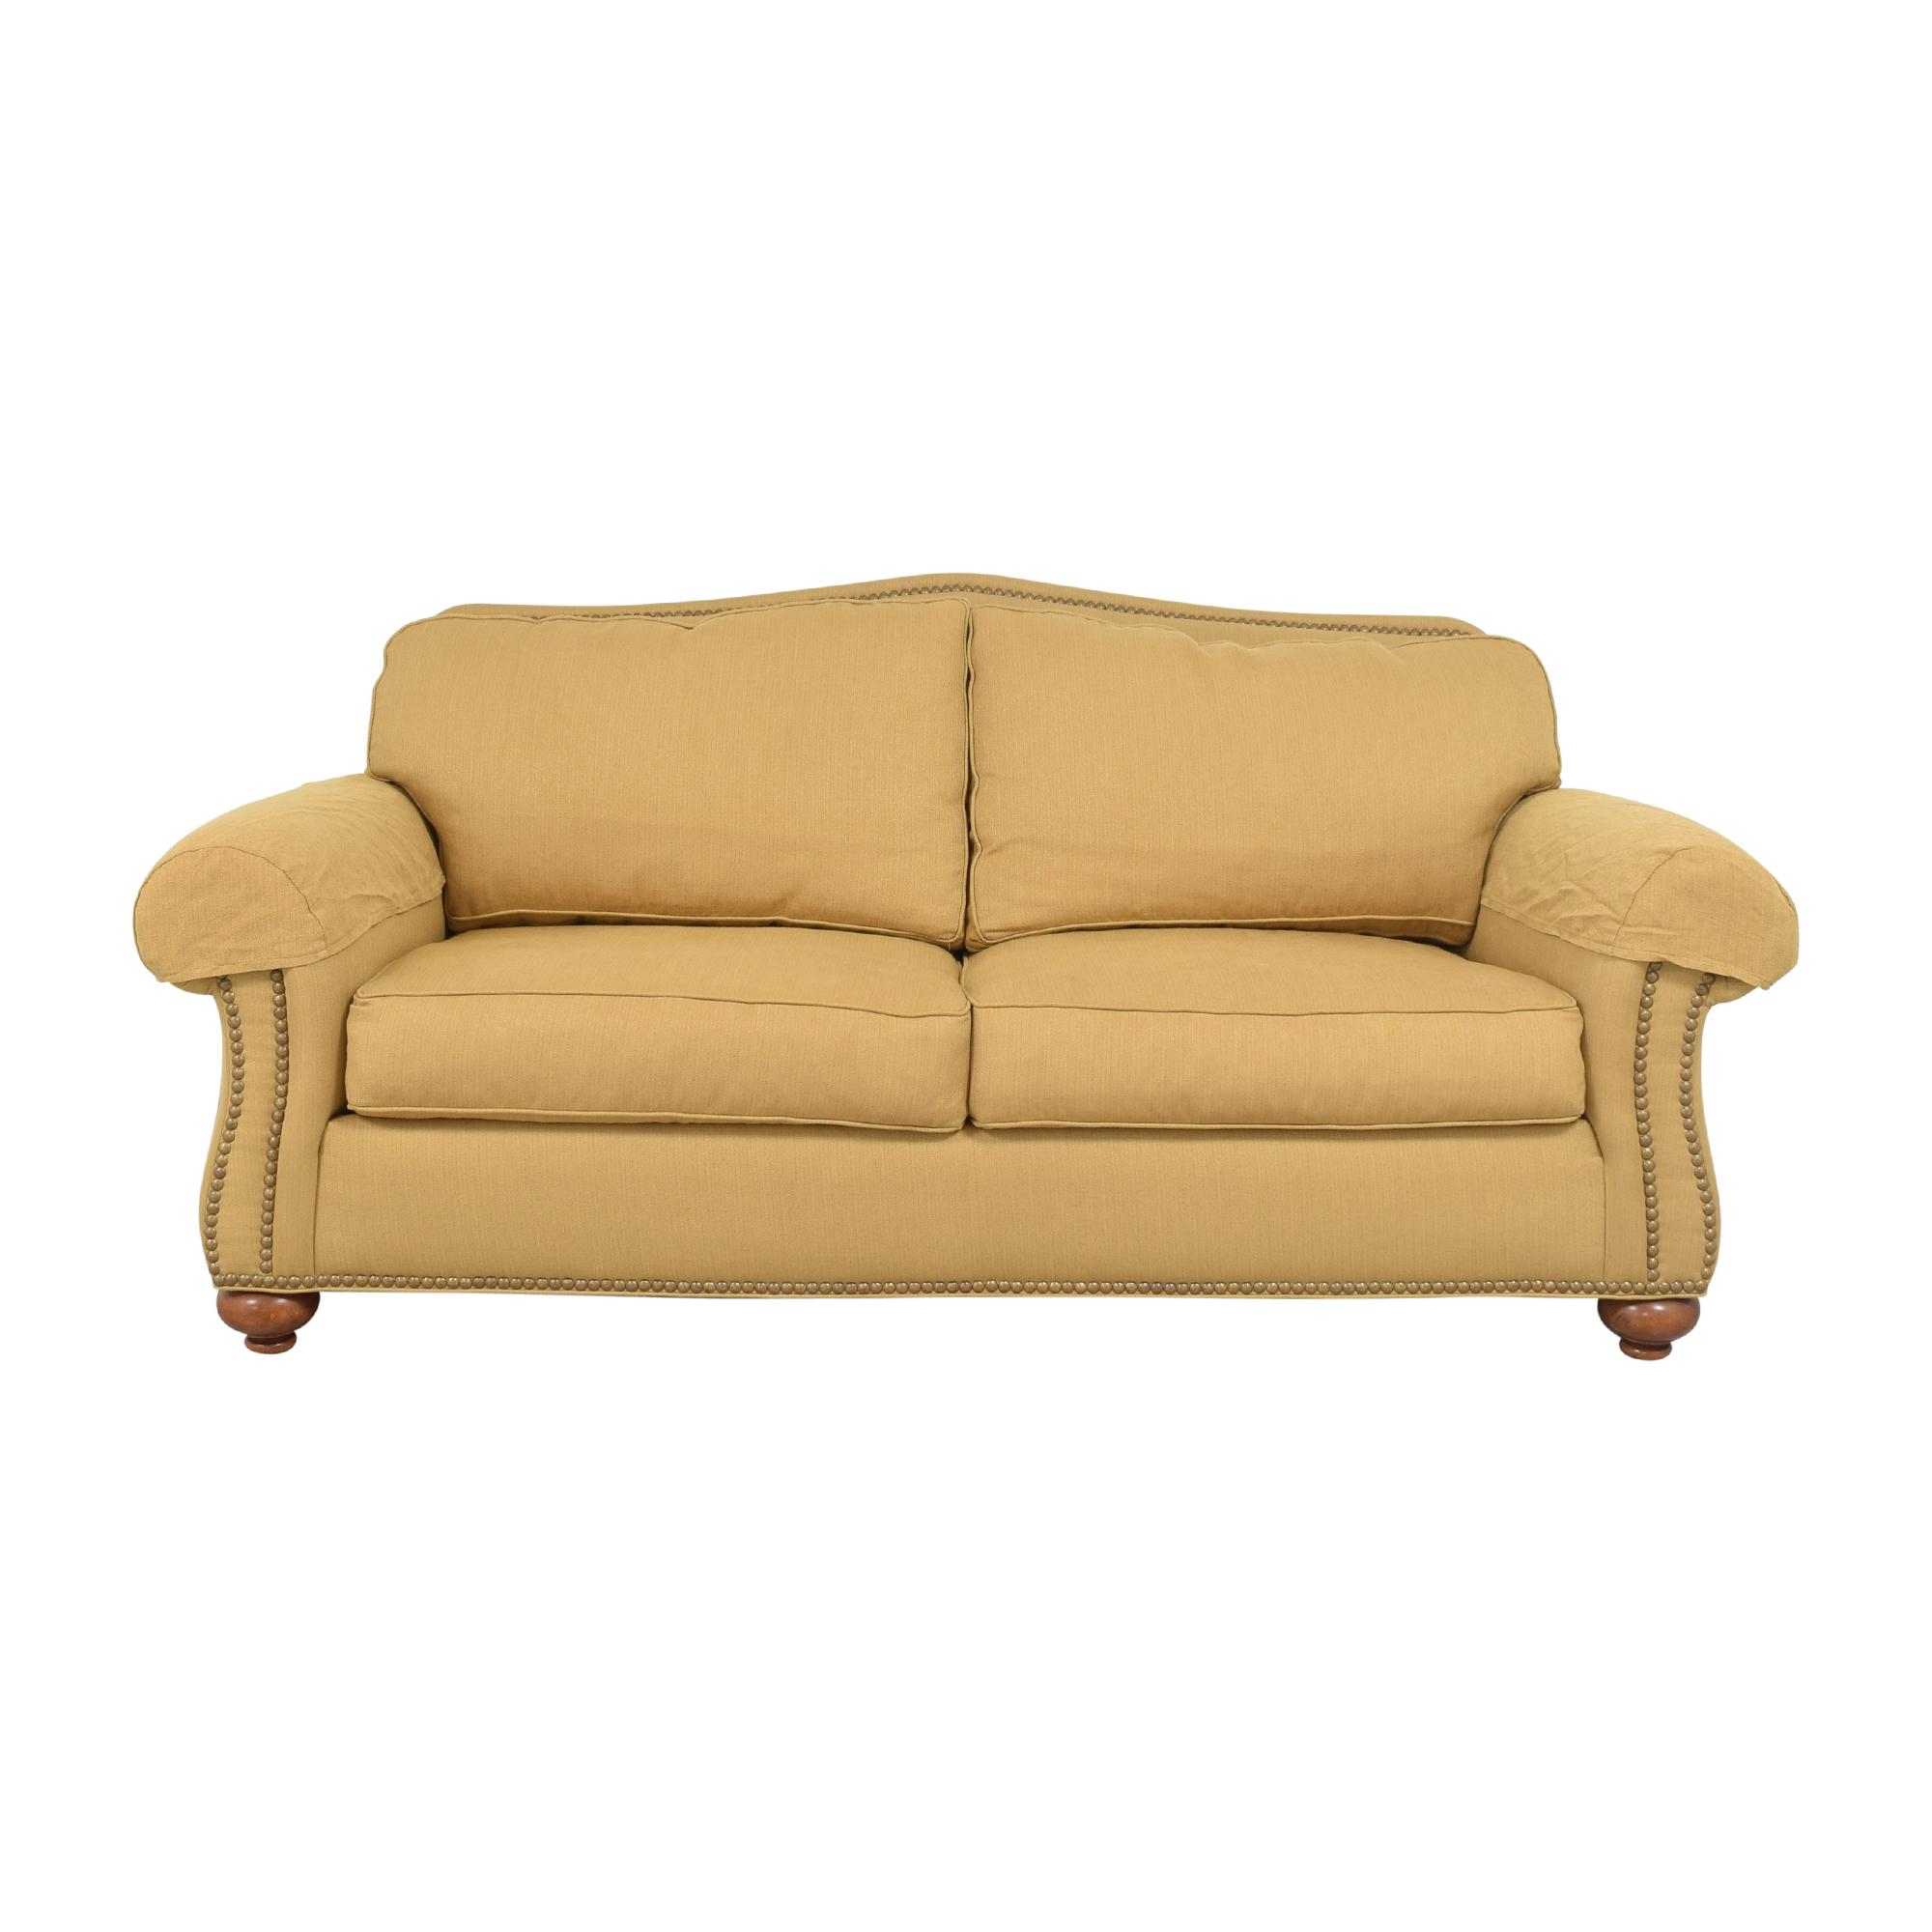 Ethan Allen Ethan Allen Nailhead Two Cushion Sofa discount